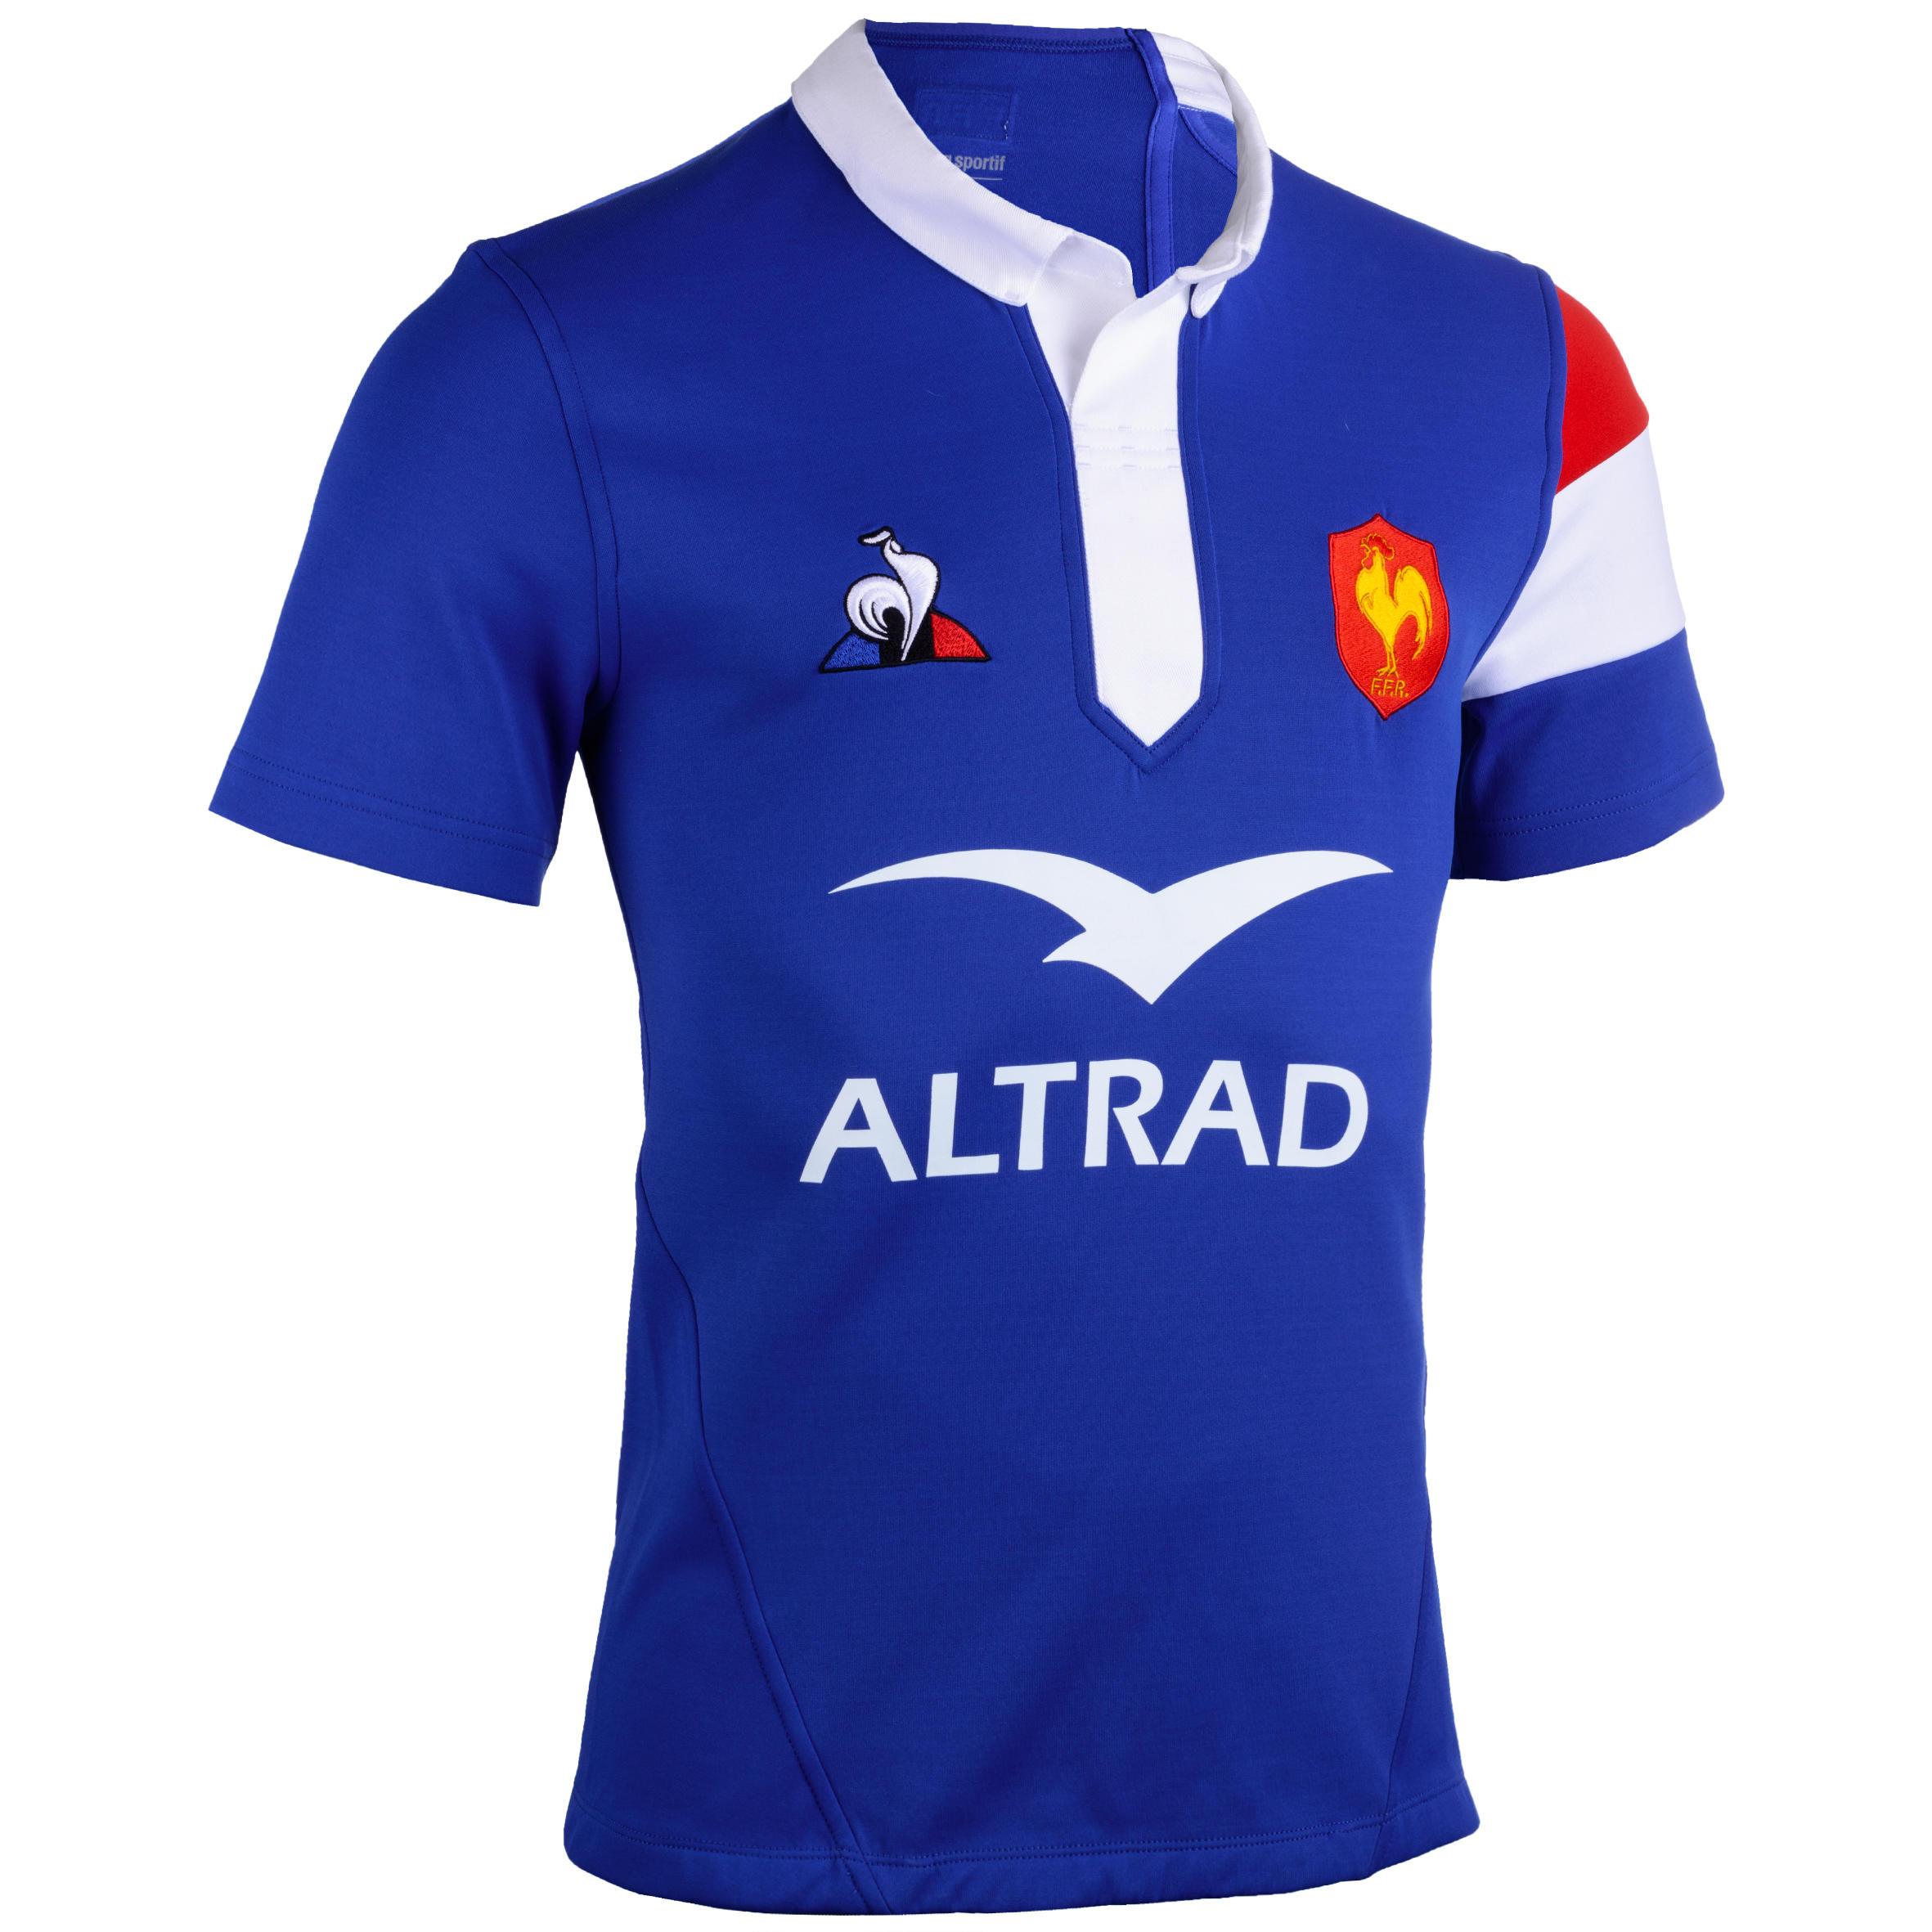 Comprar Camisetas y Polos oficiales de Rugby  c234f6f1a5e06